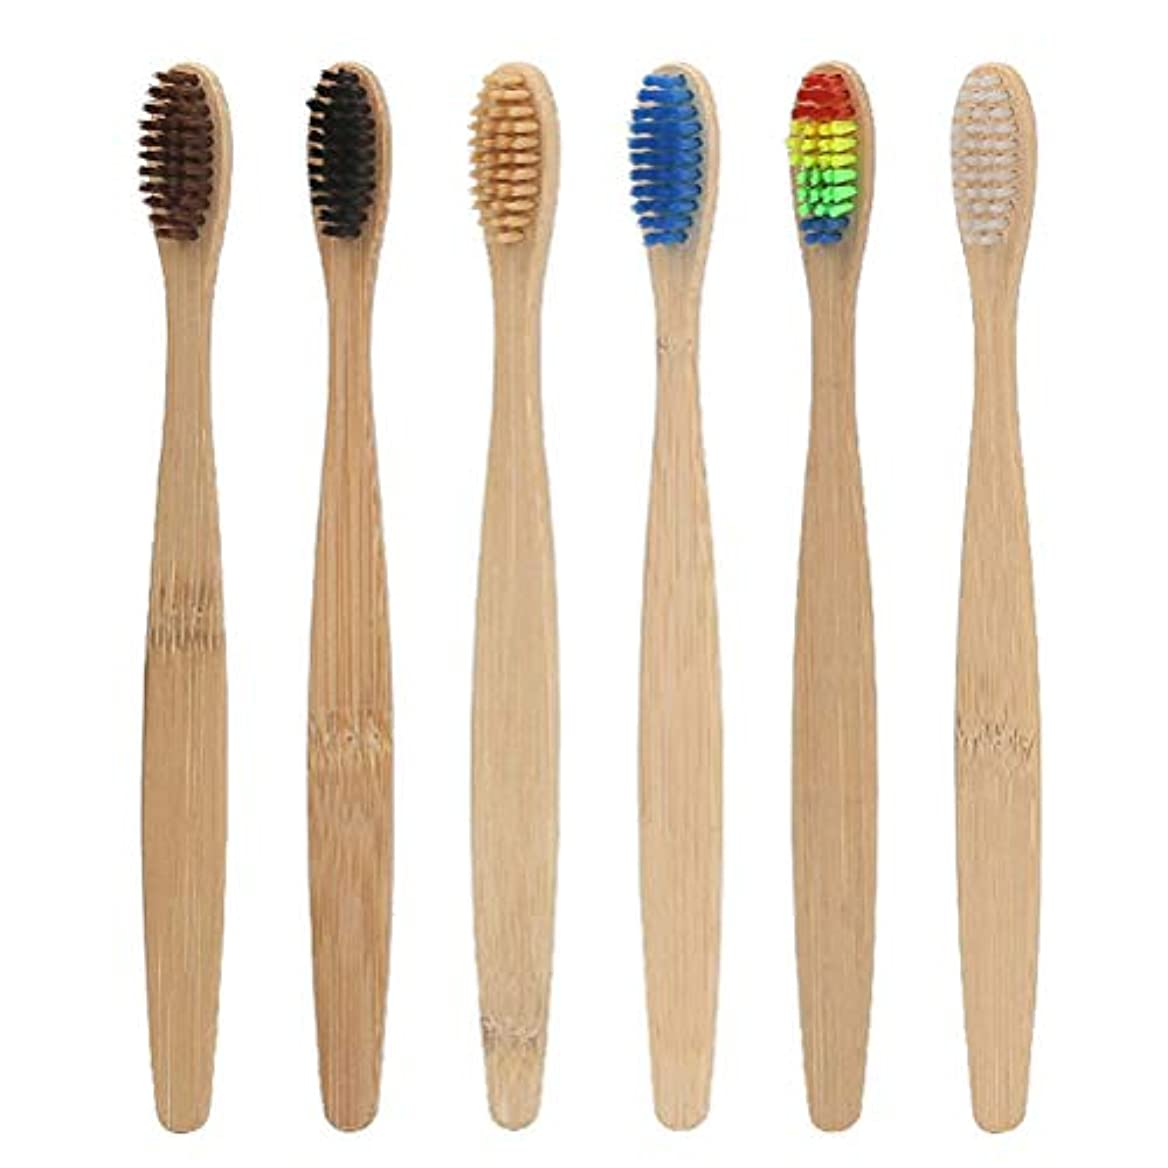 予測子頂点空のHealifty 女性のための環境的に竹の歯ブラシ6本の柔らかい環境に優しい竹の歯ブラシ男性(ランダムカラー)